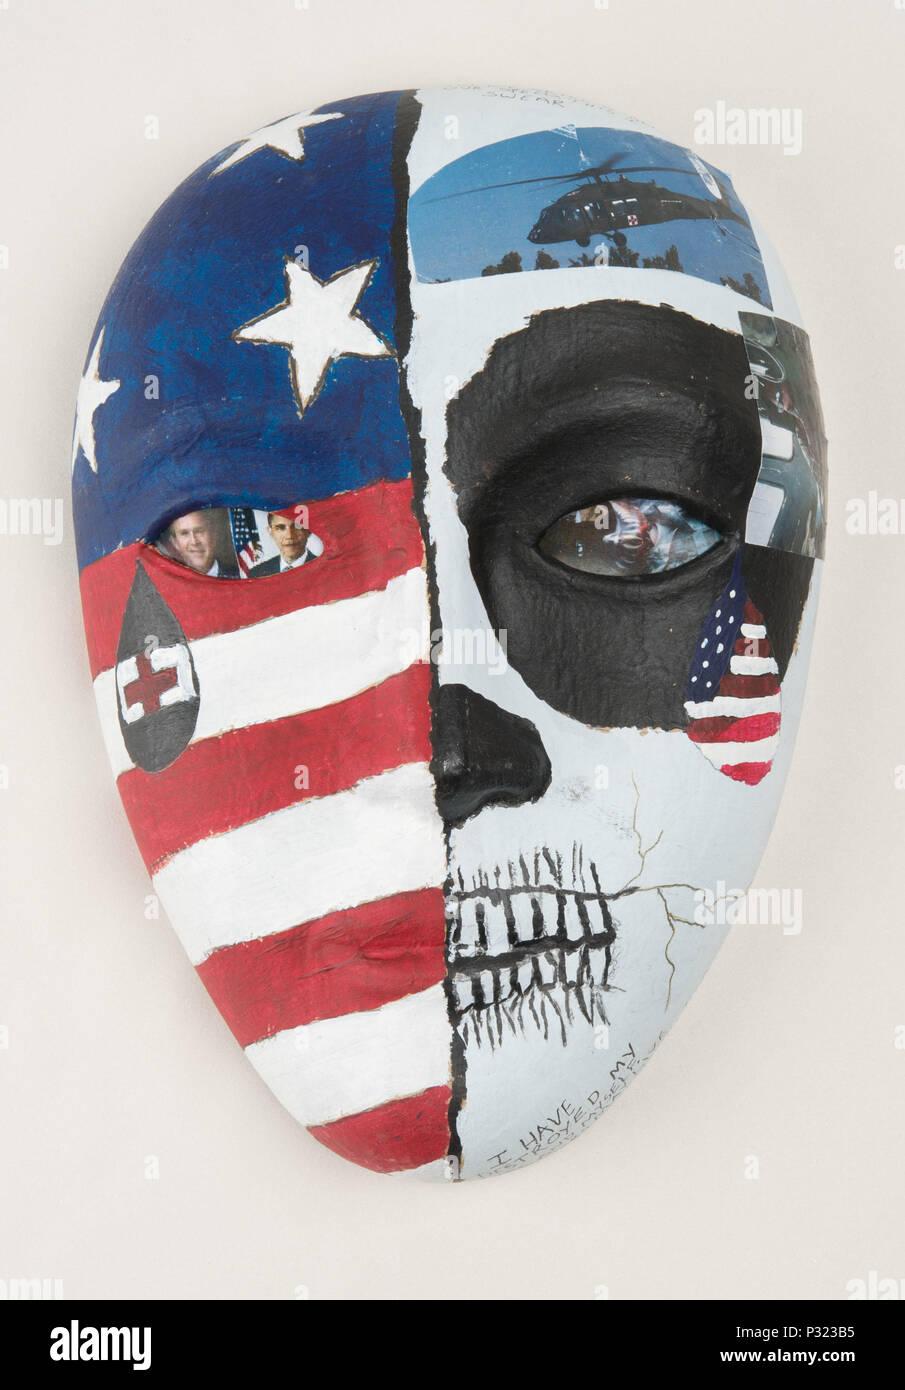 medic masque